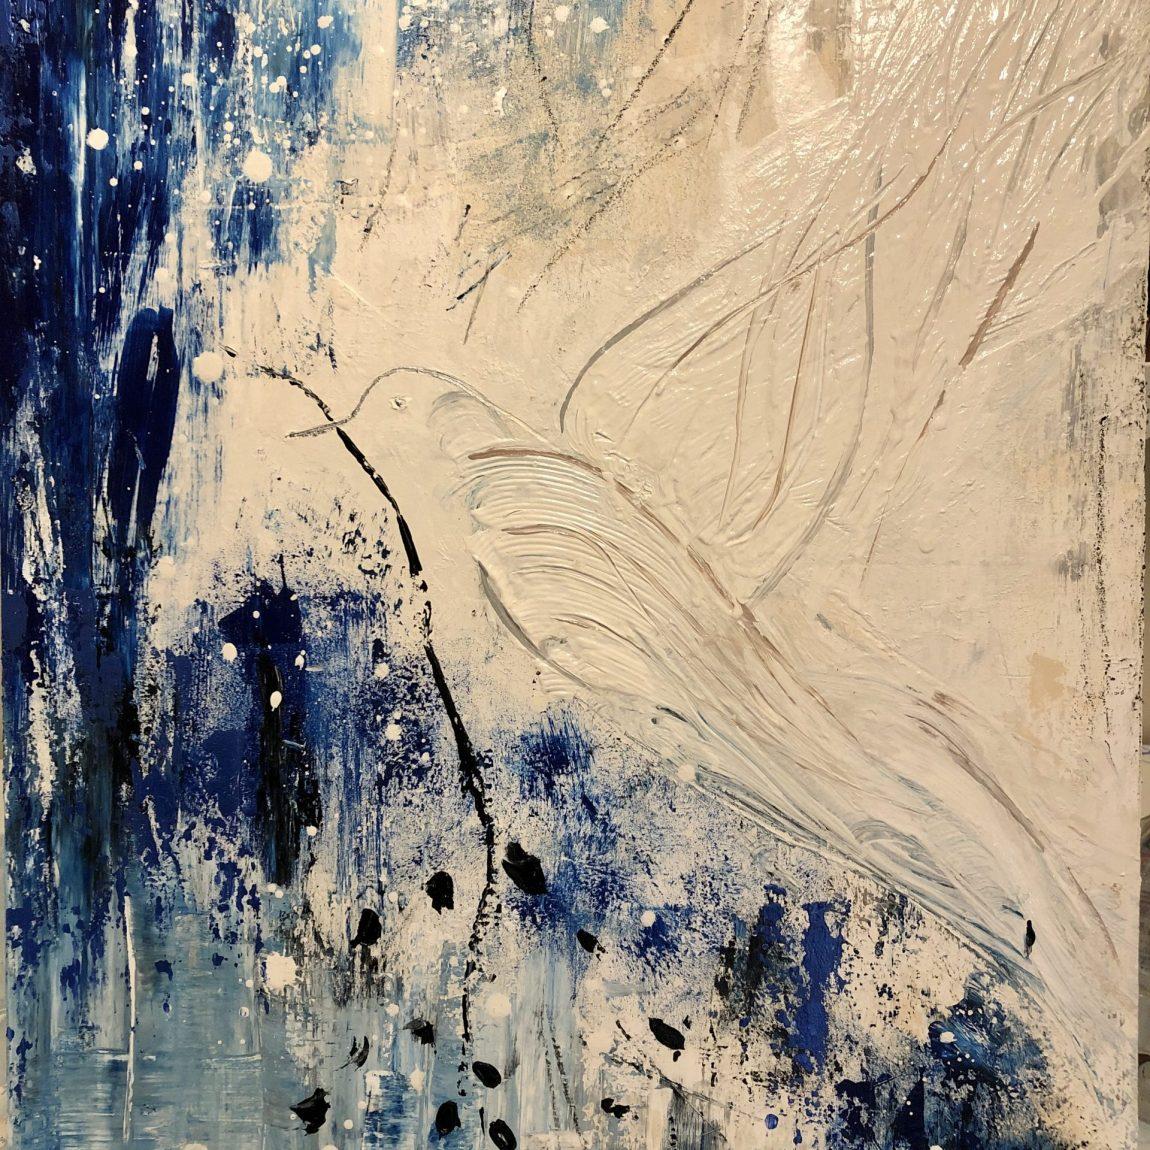 Sanatçı : Belma Bozkurt- - Eser Adı: Peace -  Teknik:  - Ölçü: 50 x 70 cm  - Fiyat : 1.950 TL